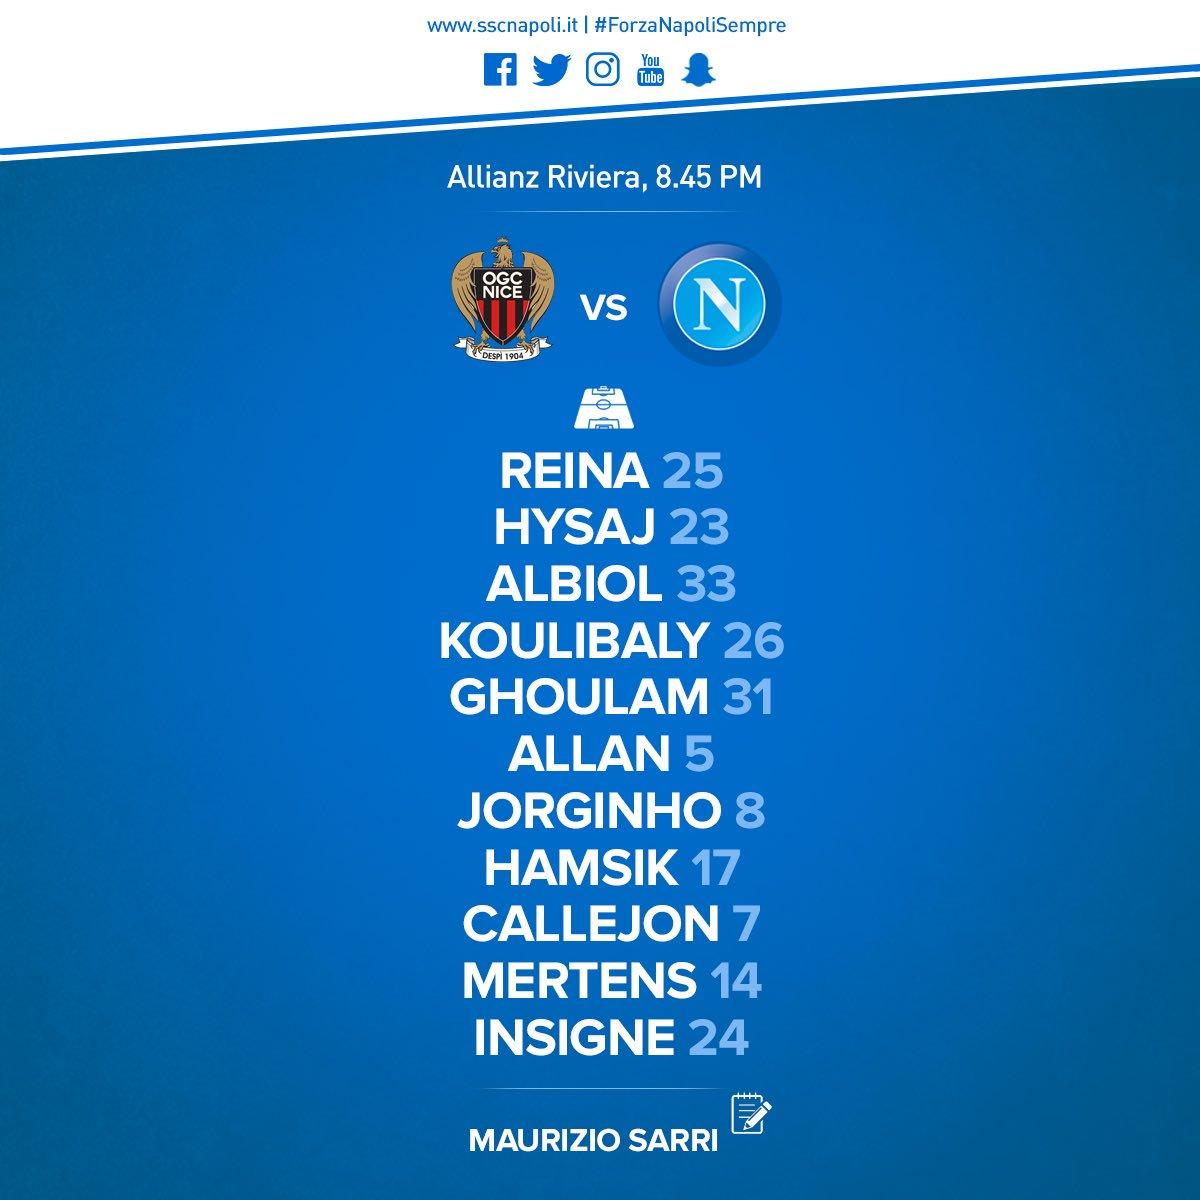 Nizza-Napoli, le formazioni ufficiali: Mertens c'è, Sneijder e Balotelli titolari